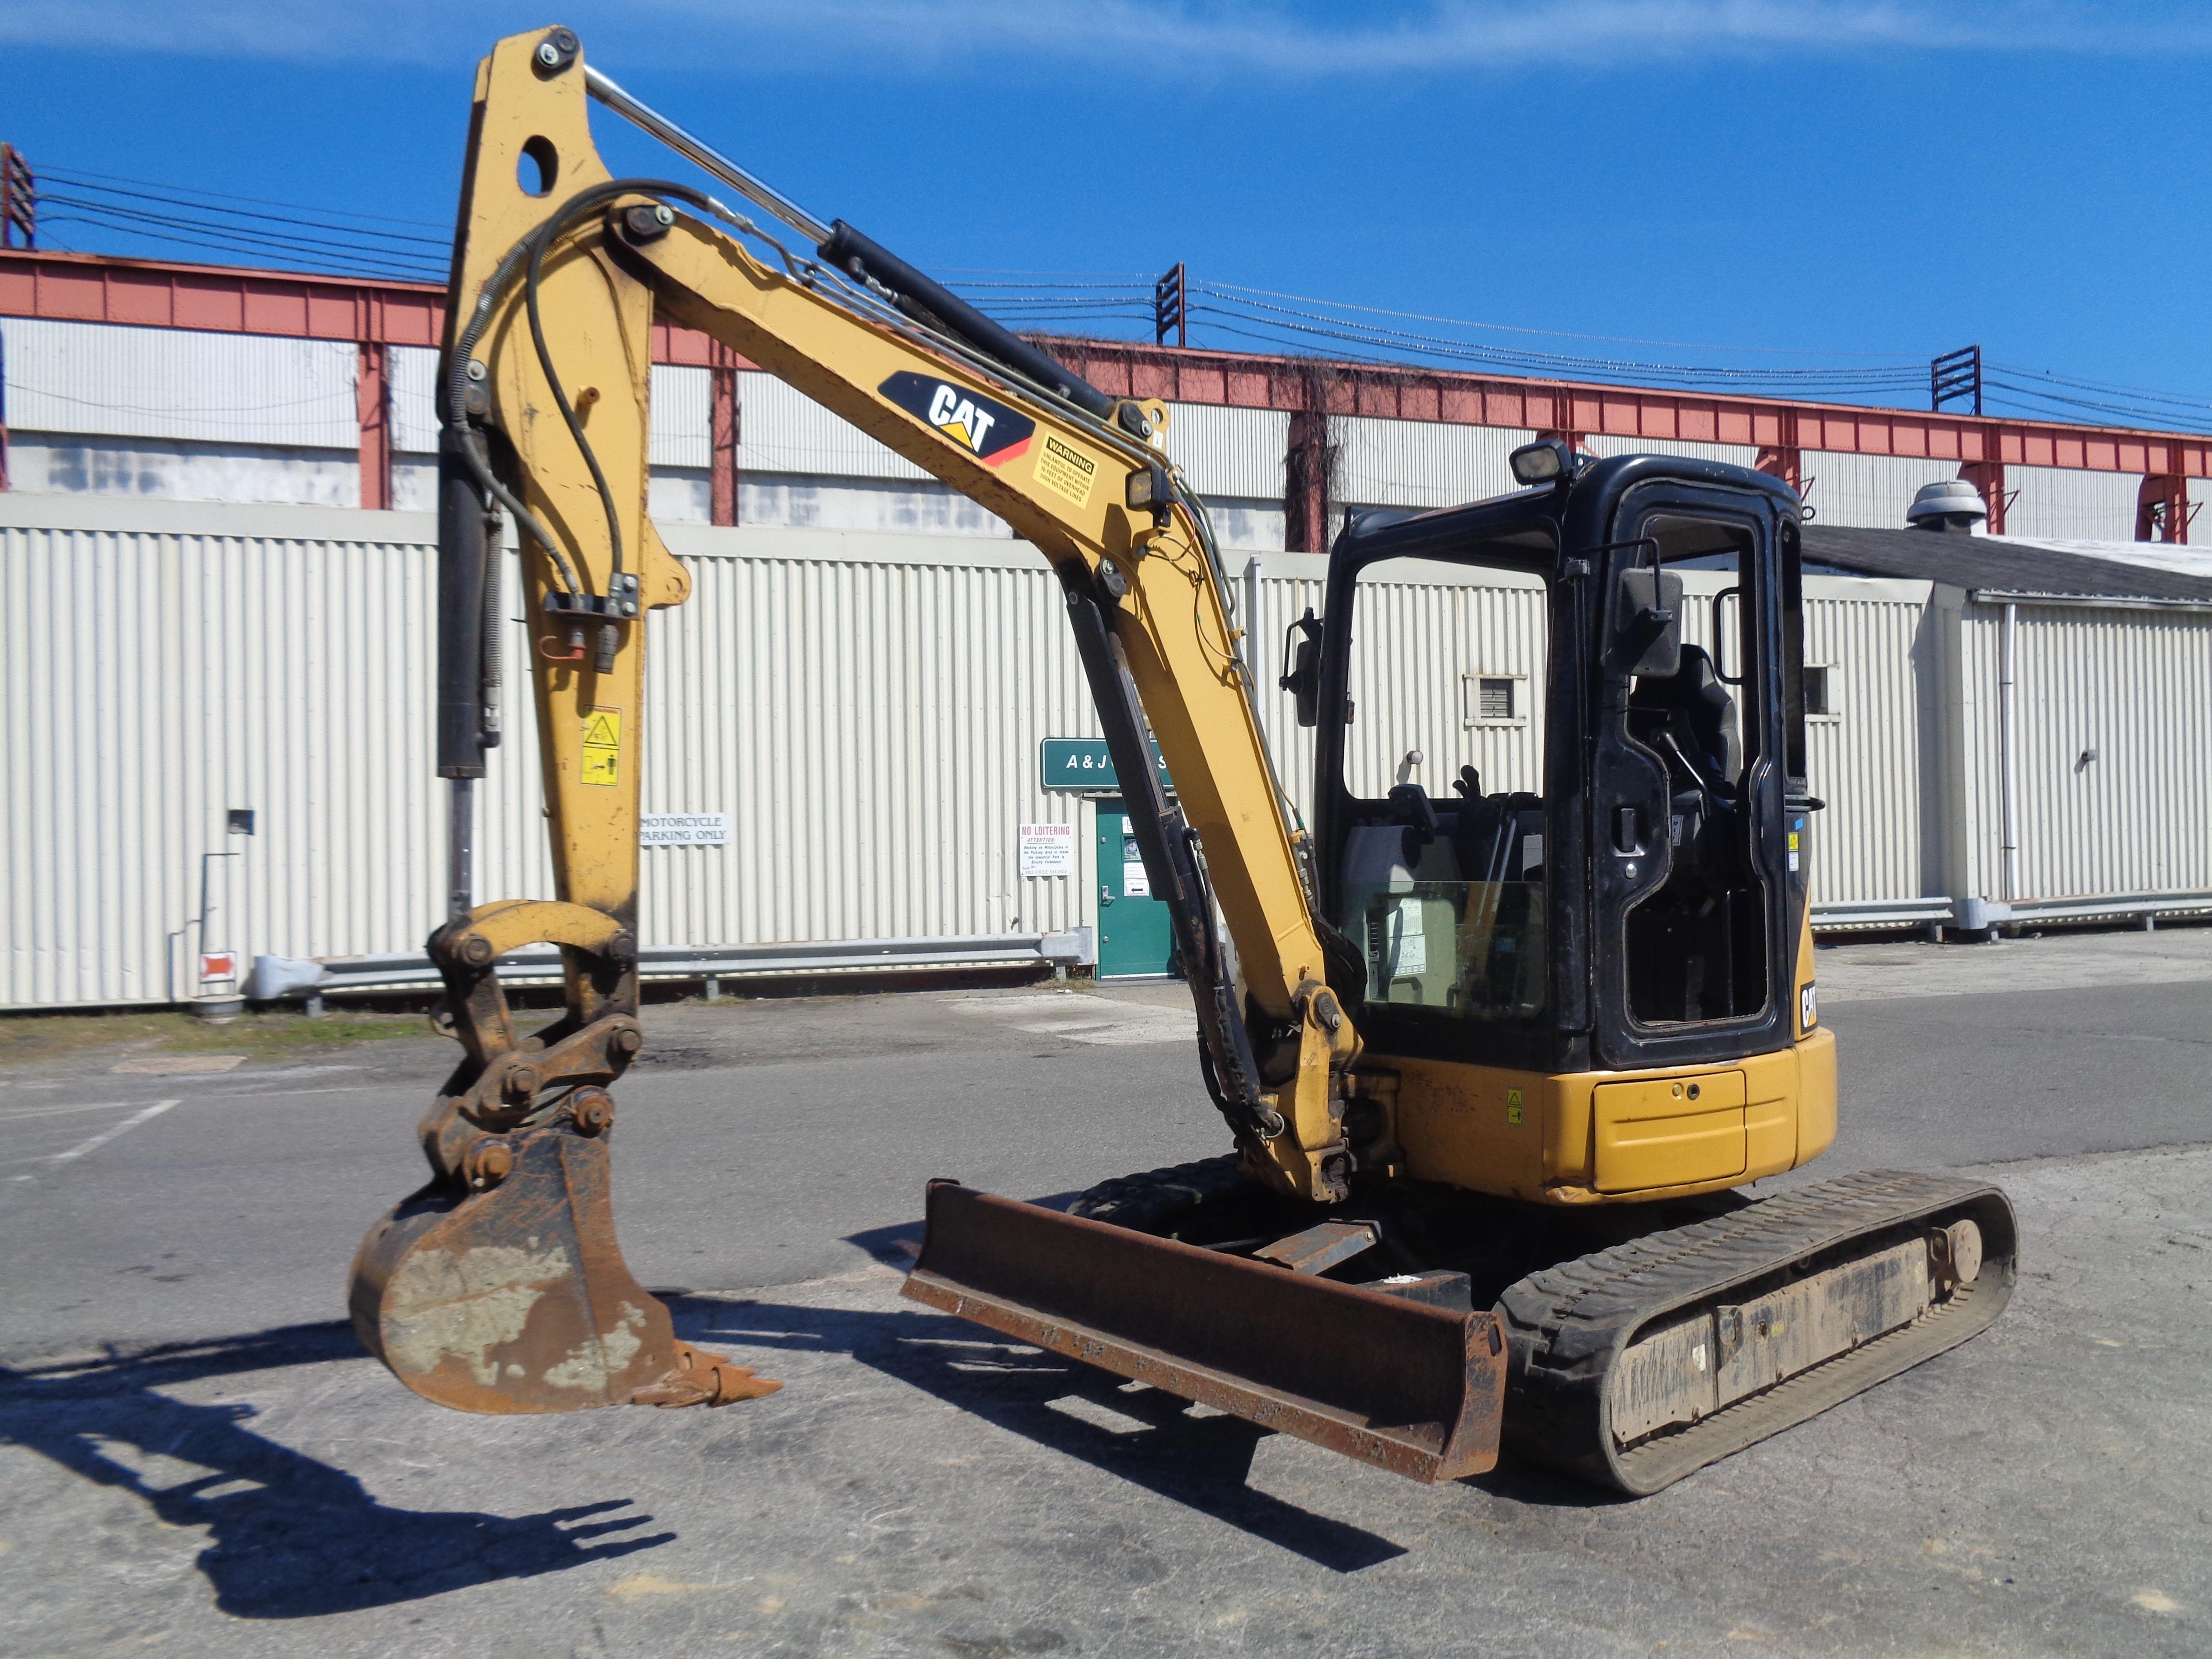 Lot 23 - 2012 Caterpillar 304E Excavator